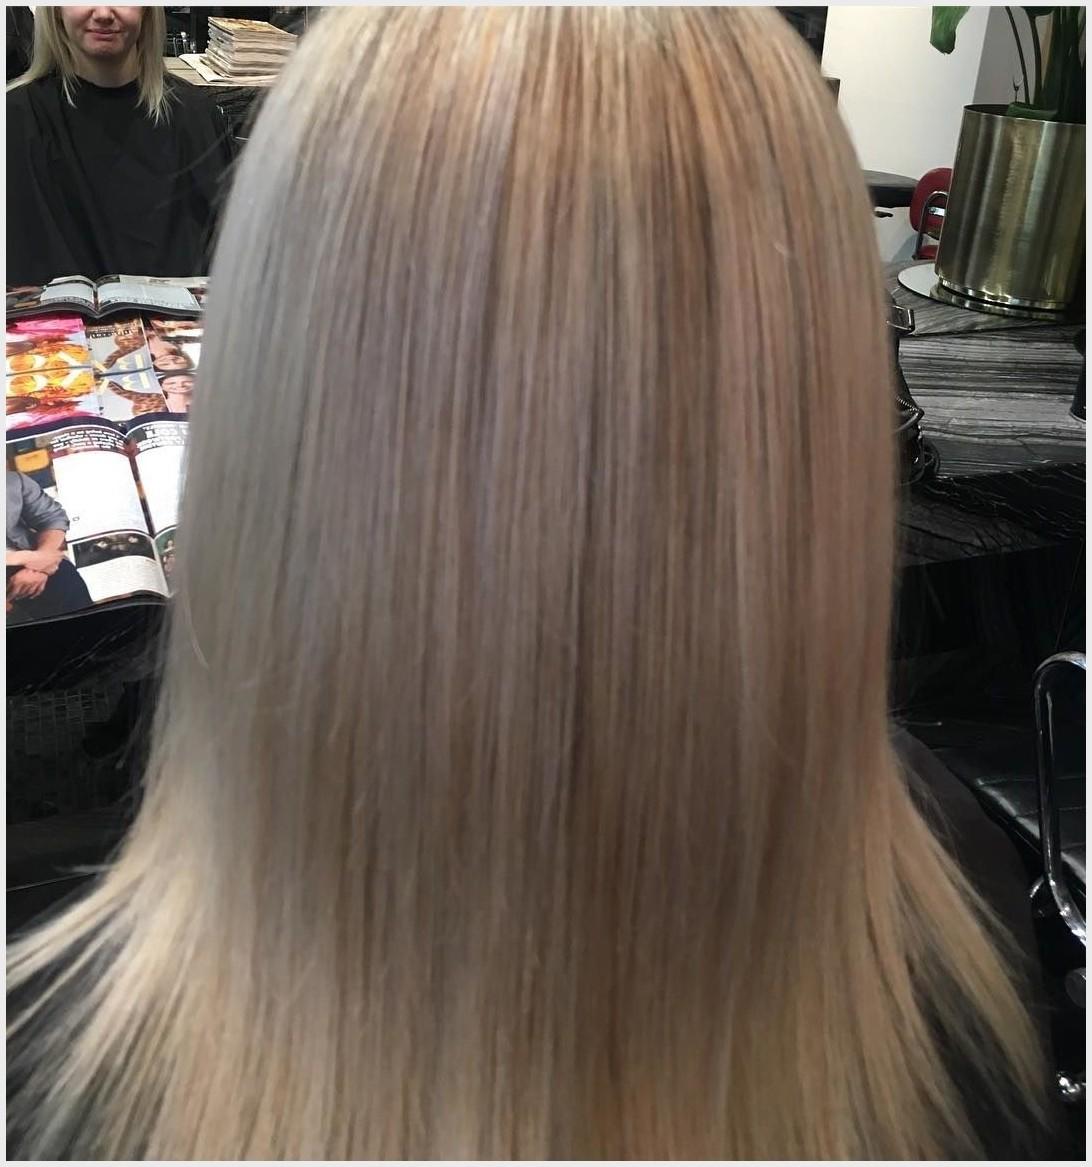 hair dye ideas Best Hair Dye Ideas For Women 2019 unnamed file 274